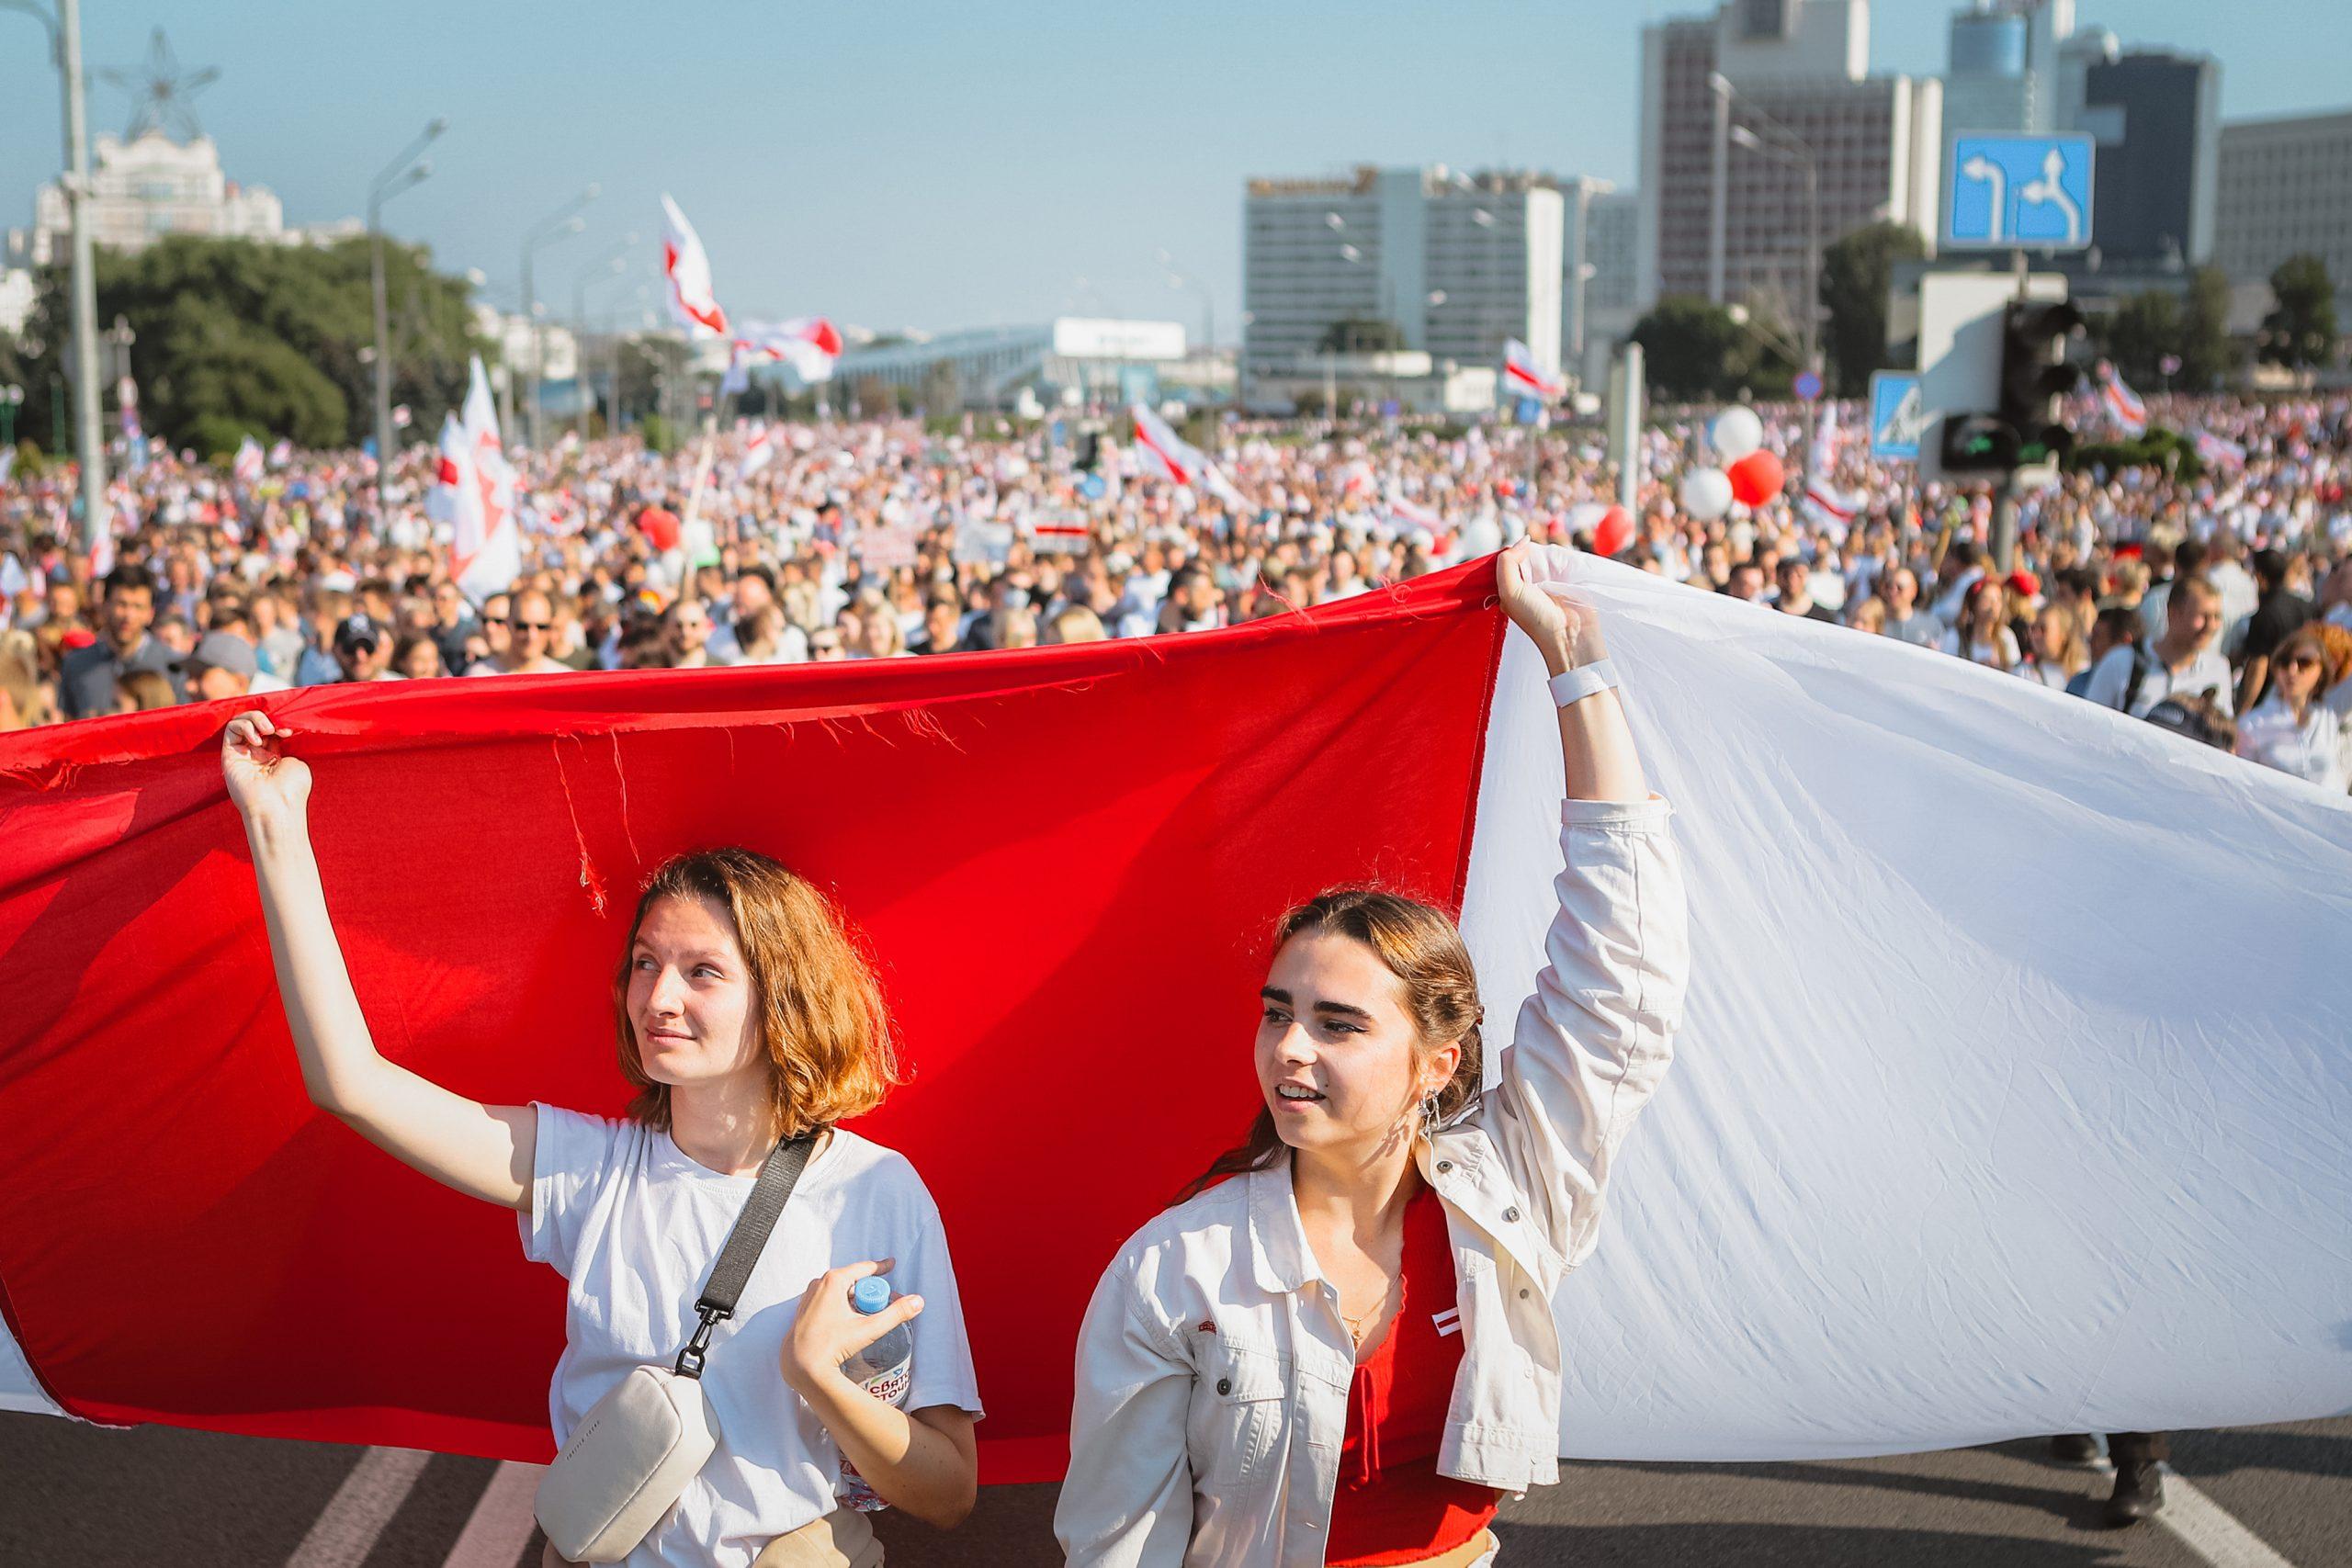 Protestera. Visa solidaritet. – Intervju med Dmitri Plax om situationen i Belarus